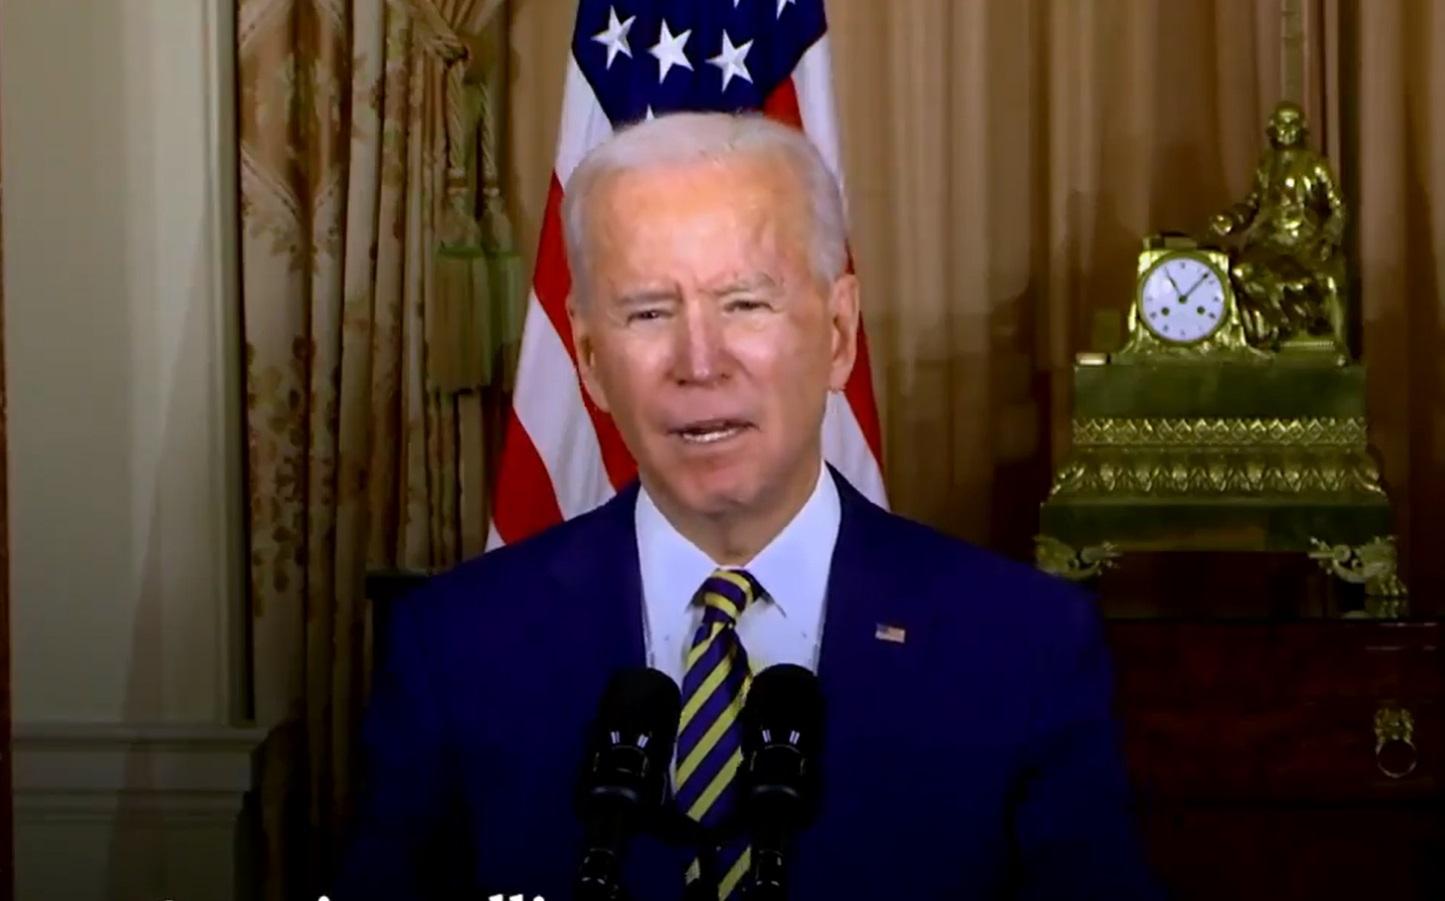 美國總統拜登(Joe Biden)。 圖/截取自拜登推特影片